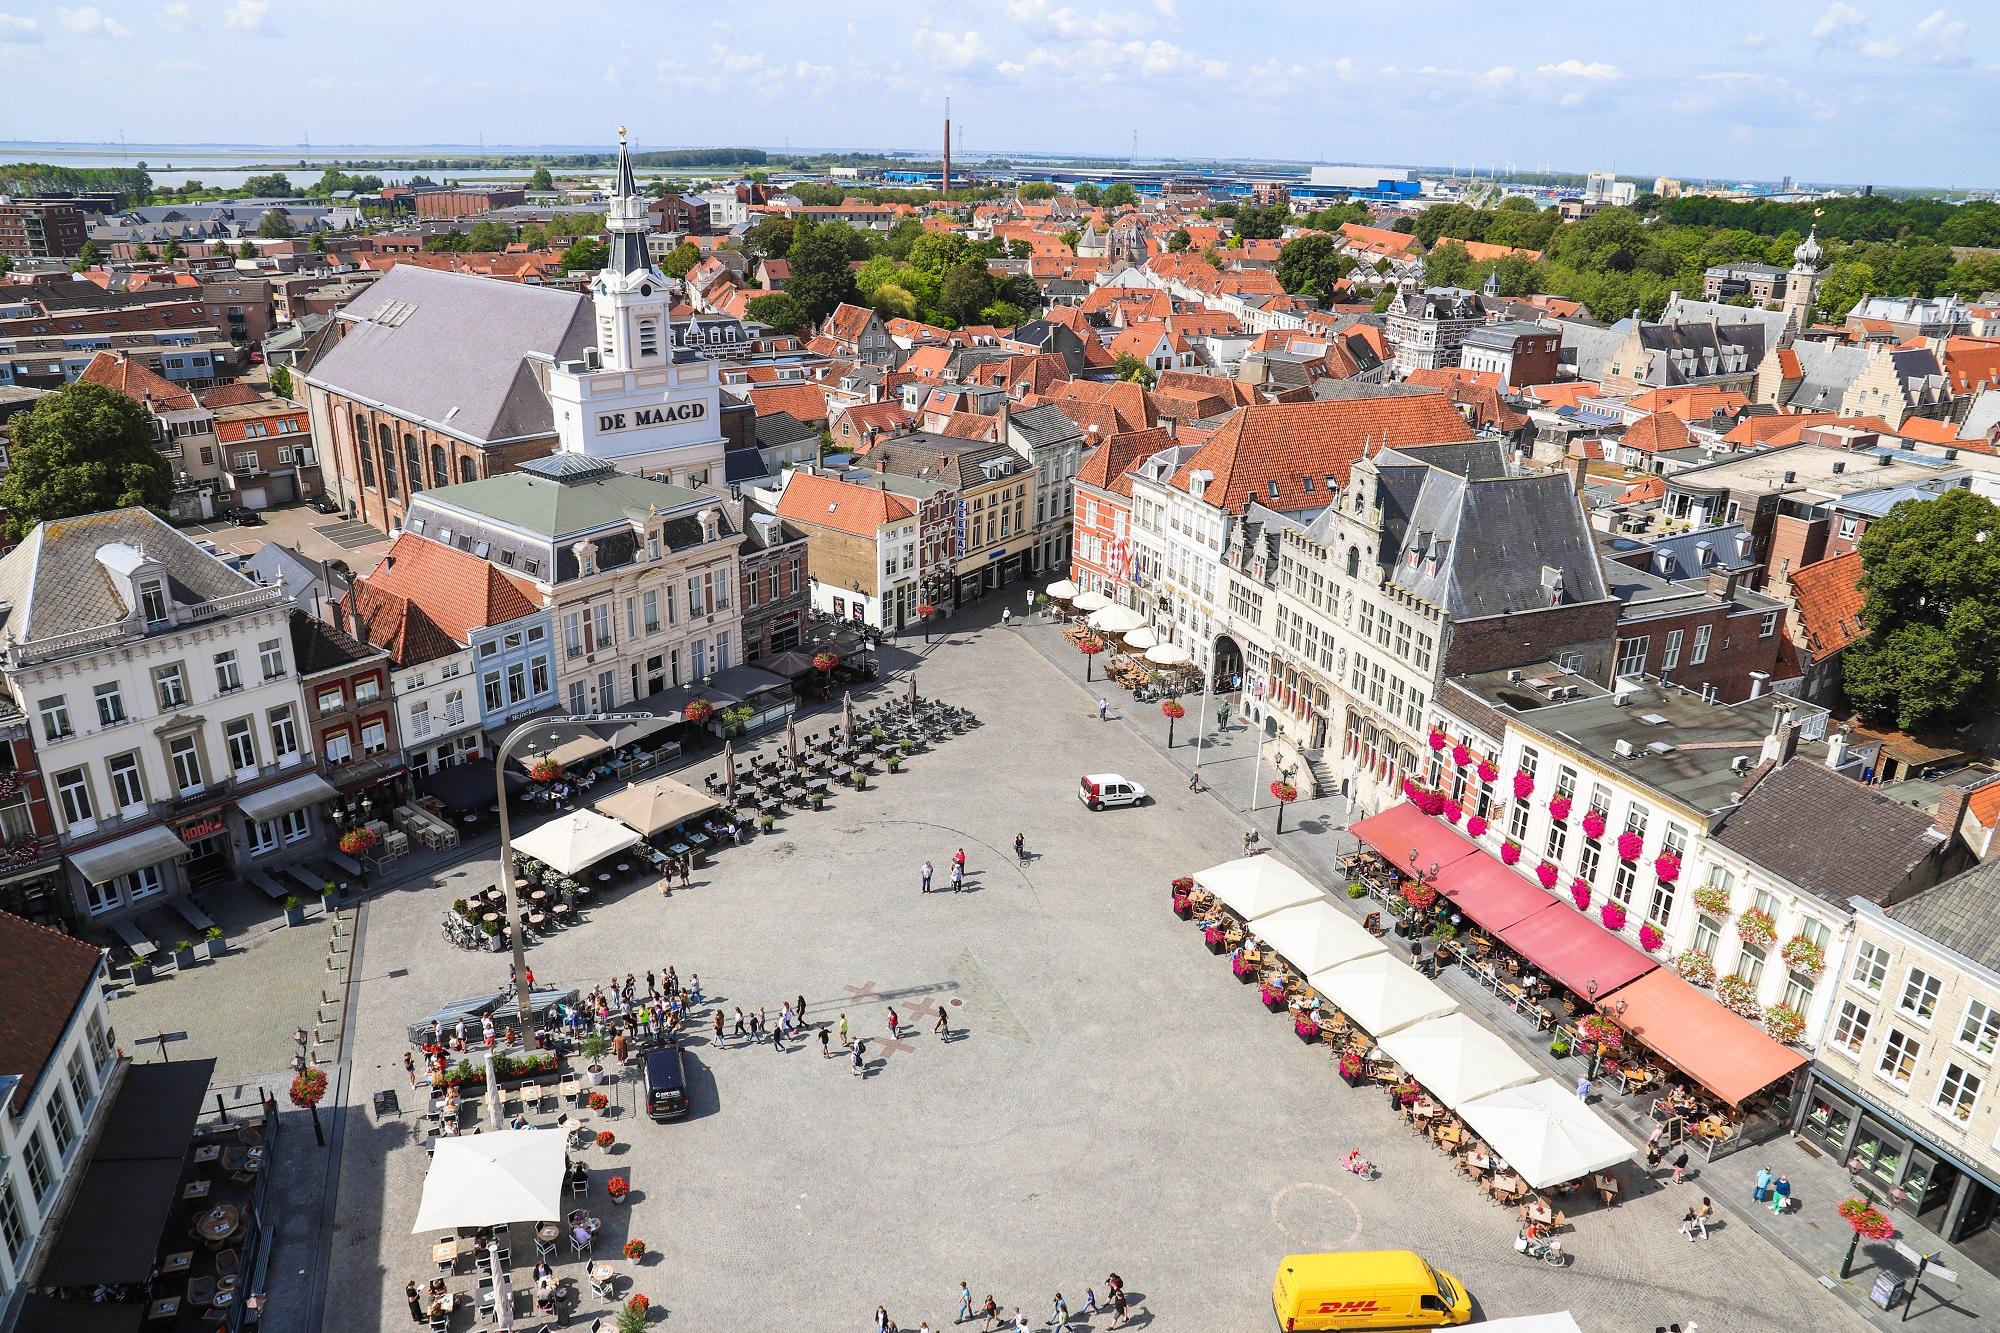 uitzicht peperbus bersge ondernemers centrum Peperbus grote markt overzicht maagd terras uitzicht monumenten spirtus markiezenhof